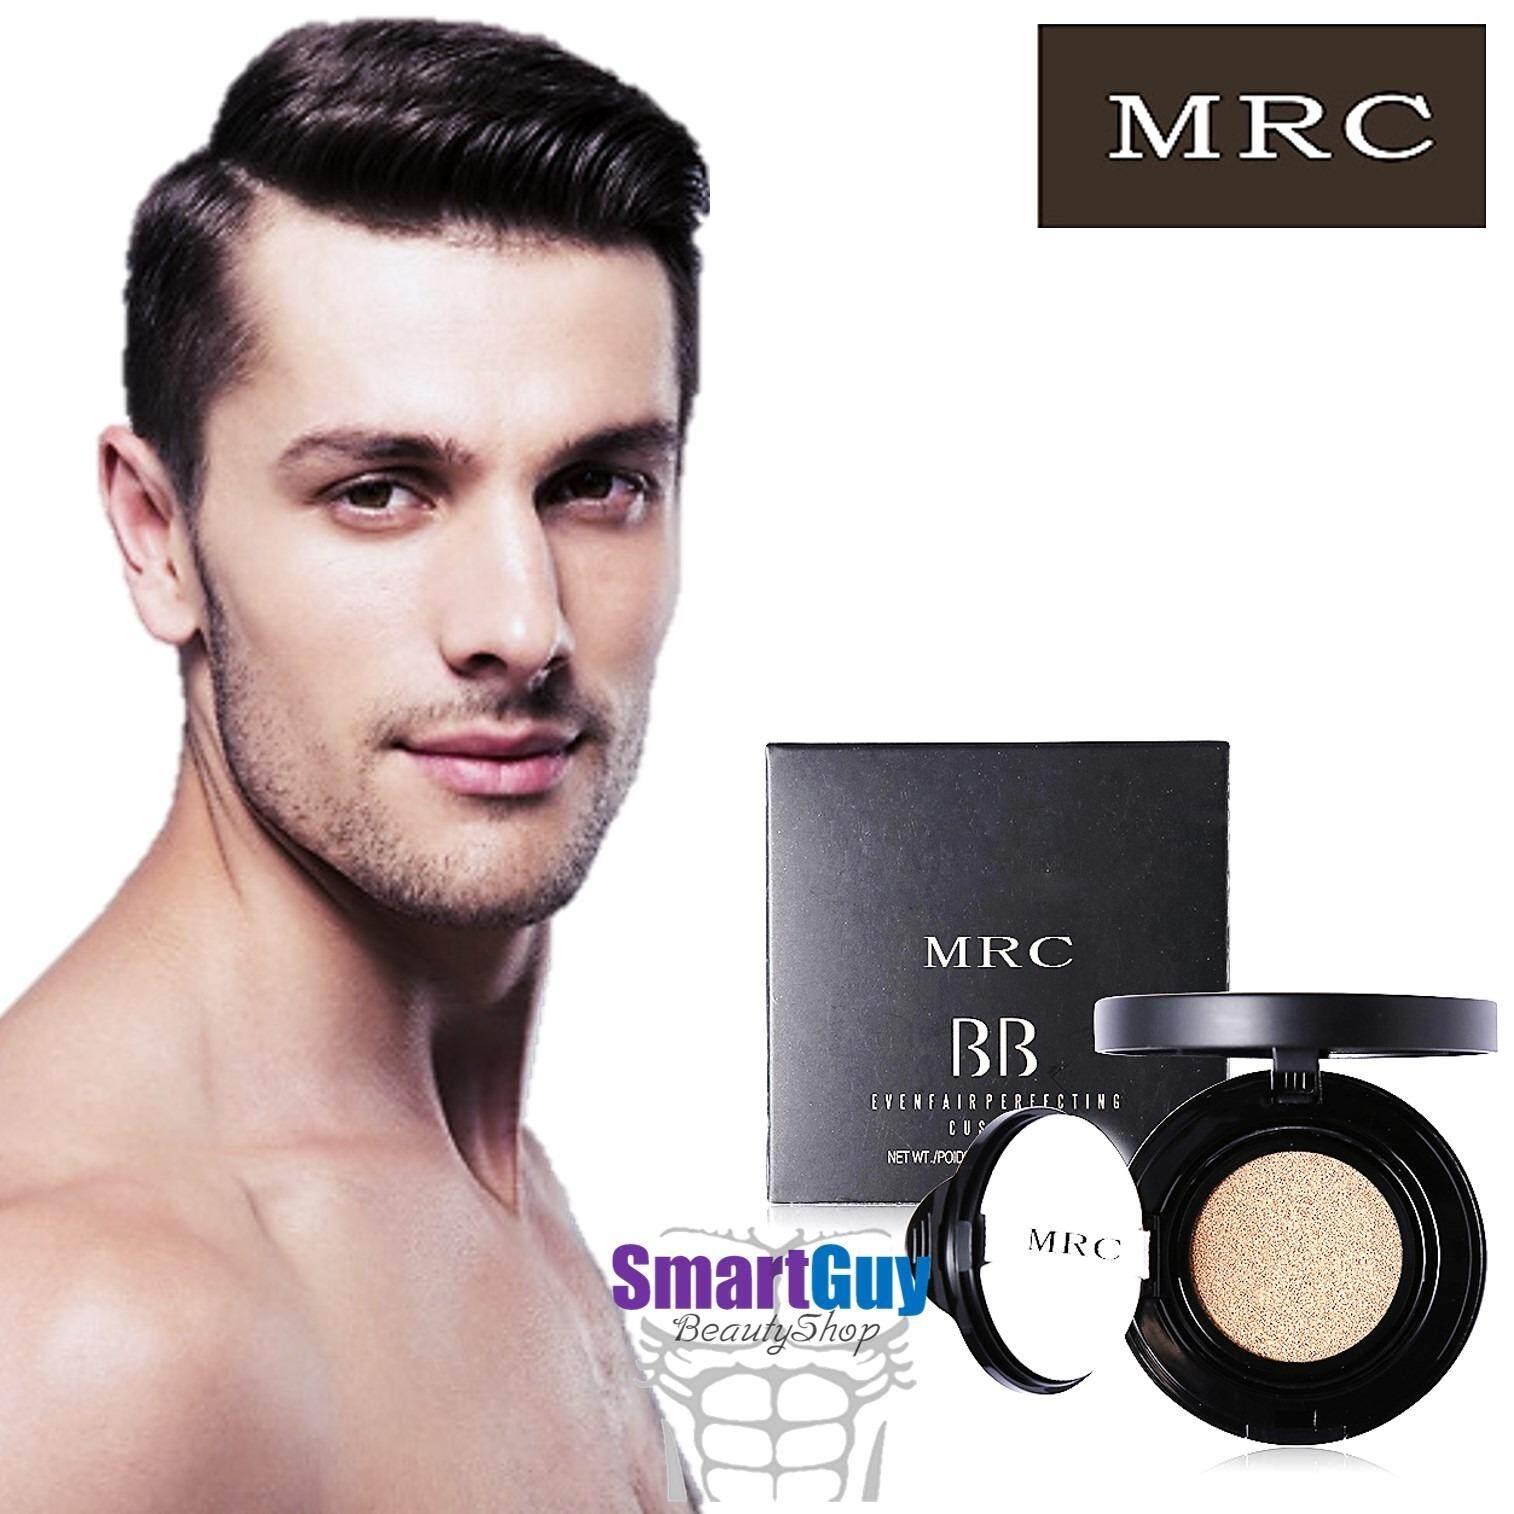 ขาย คุชชั่นบีบีครีมสำหรับผู้ชายปกปิดกันแดดรองพื้นปรับหน้าเนียนใสเป็นธรรมชาติ Mrc Skin Foundation Cushion Bb 15G ออนไลน์ กรุงเทพมหานคร